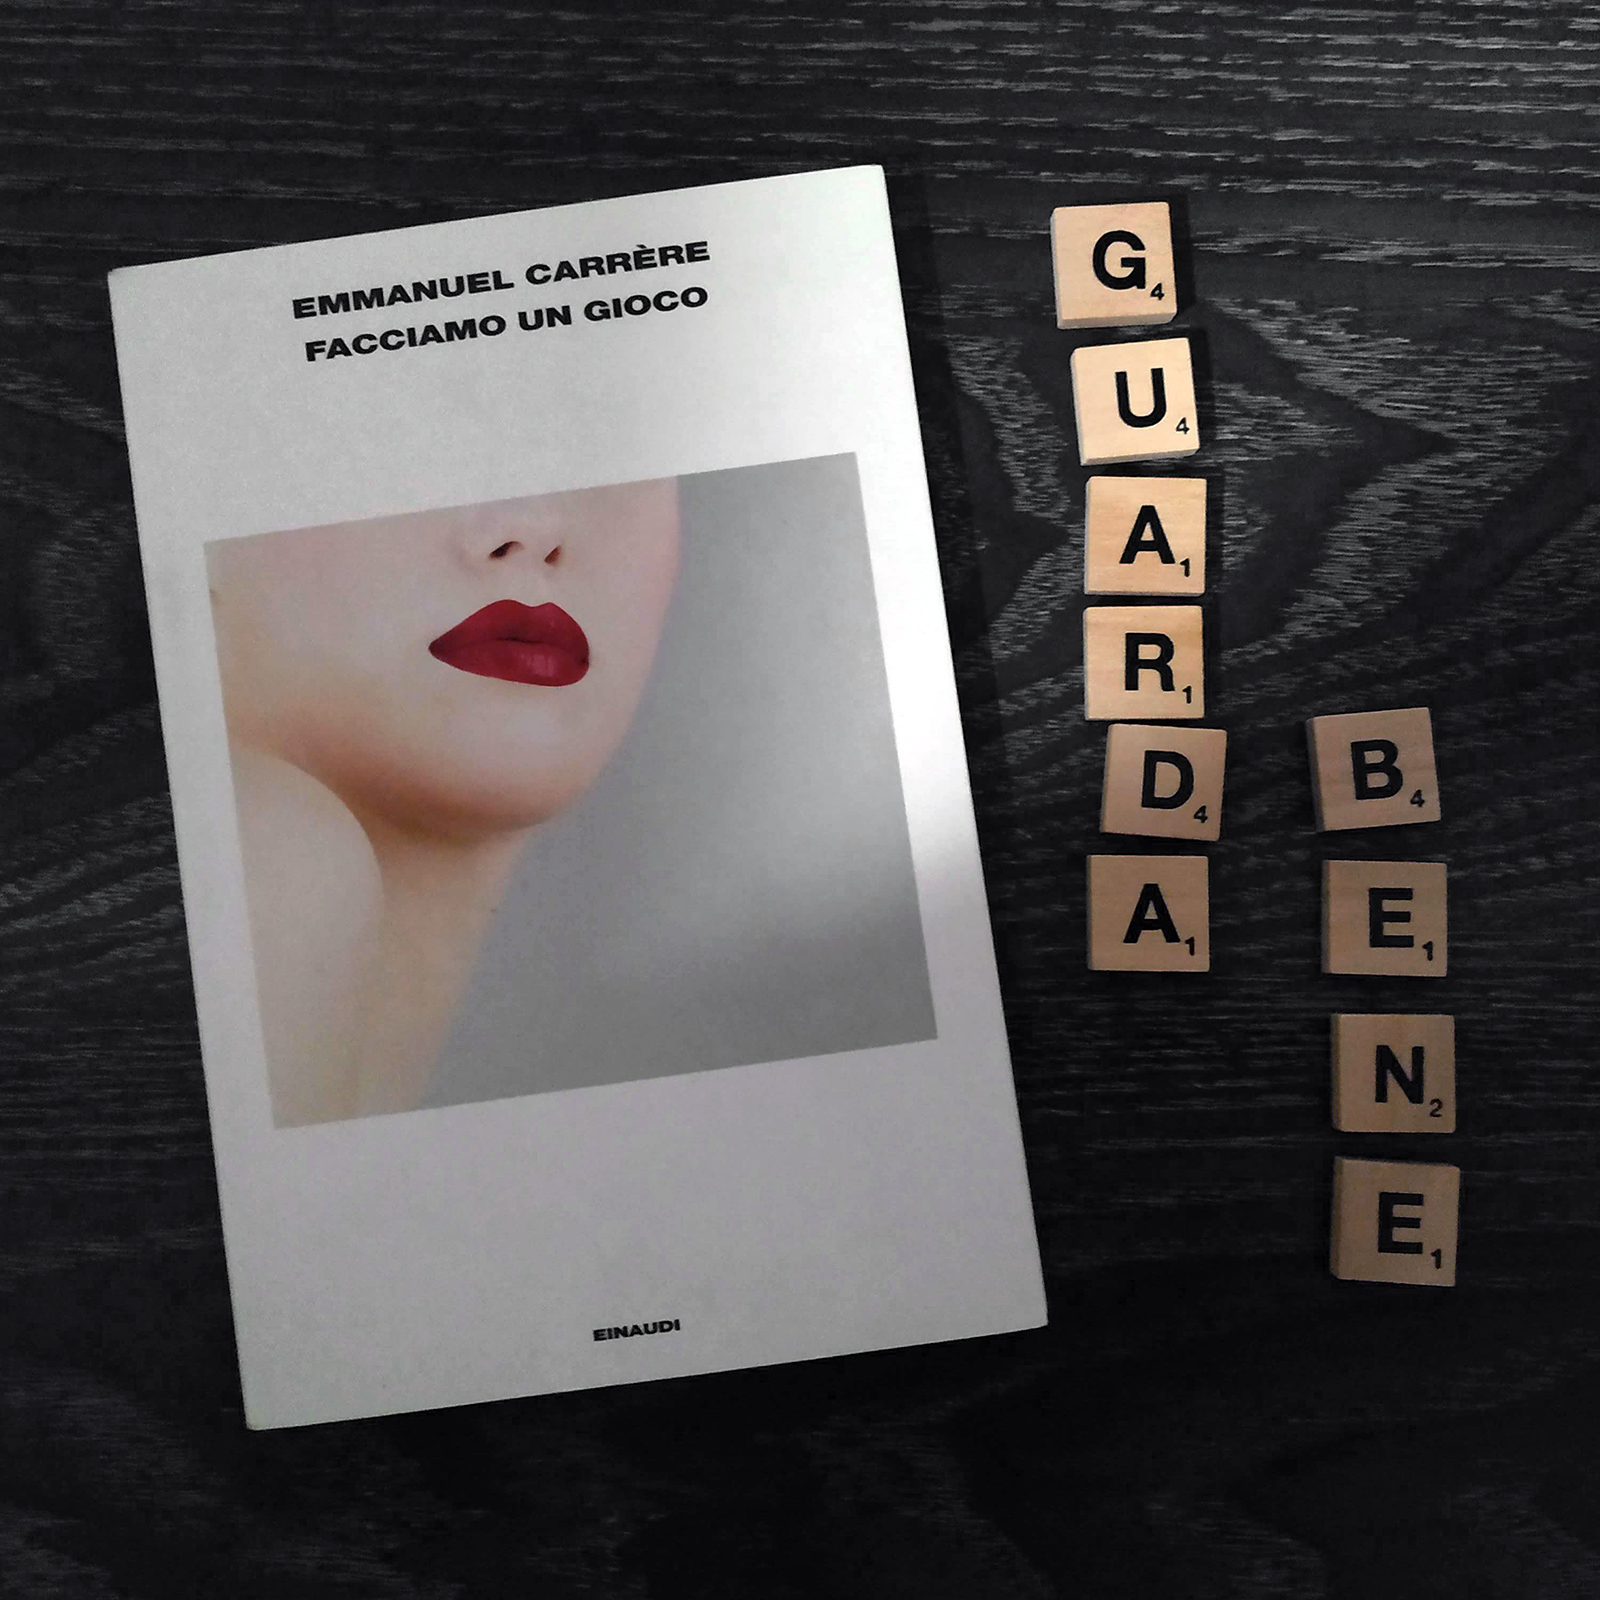 Facciamo un gioco di Emmanuel Carrère